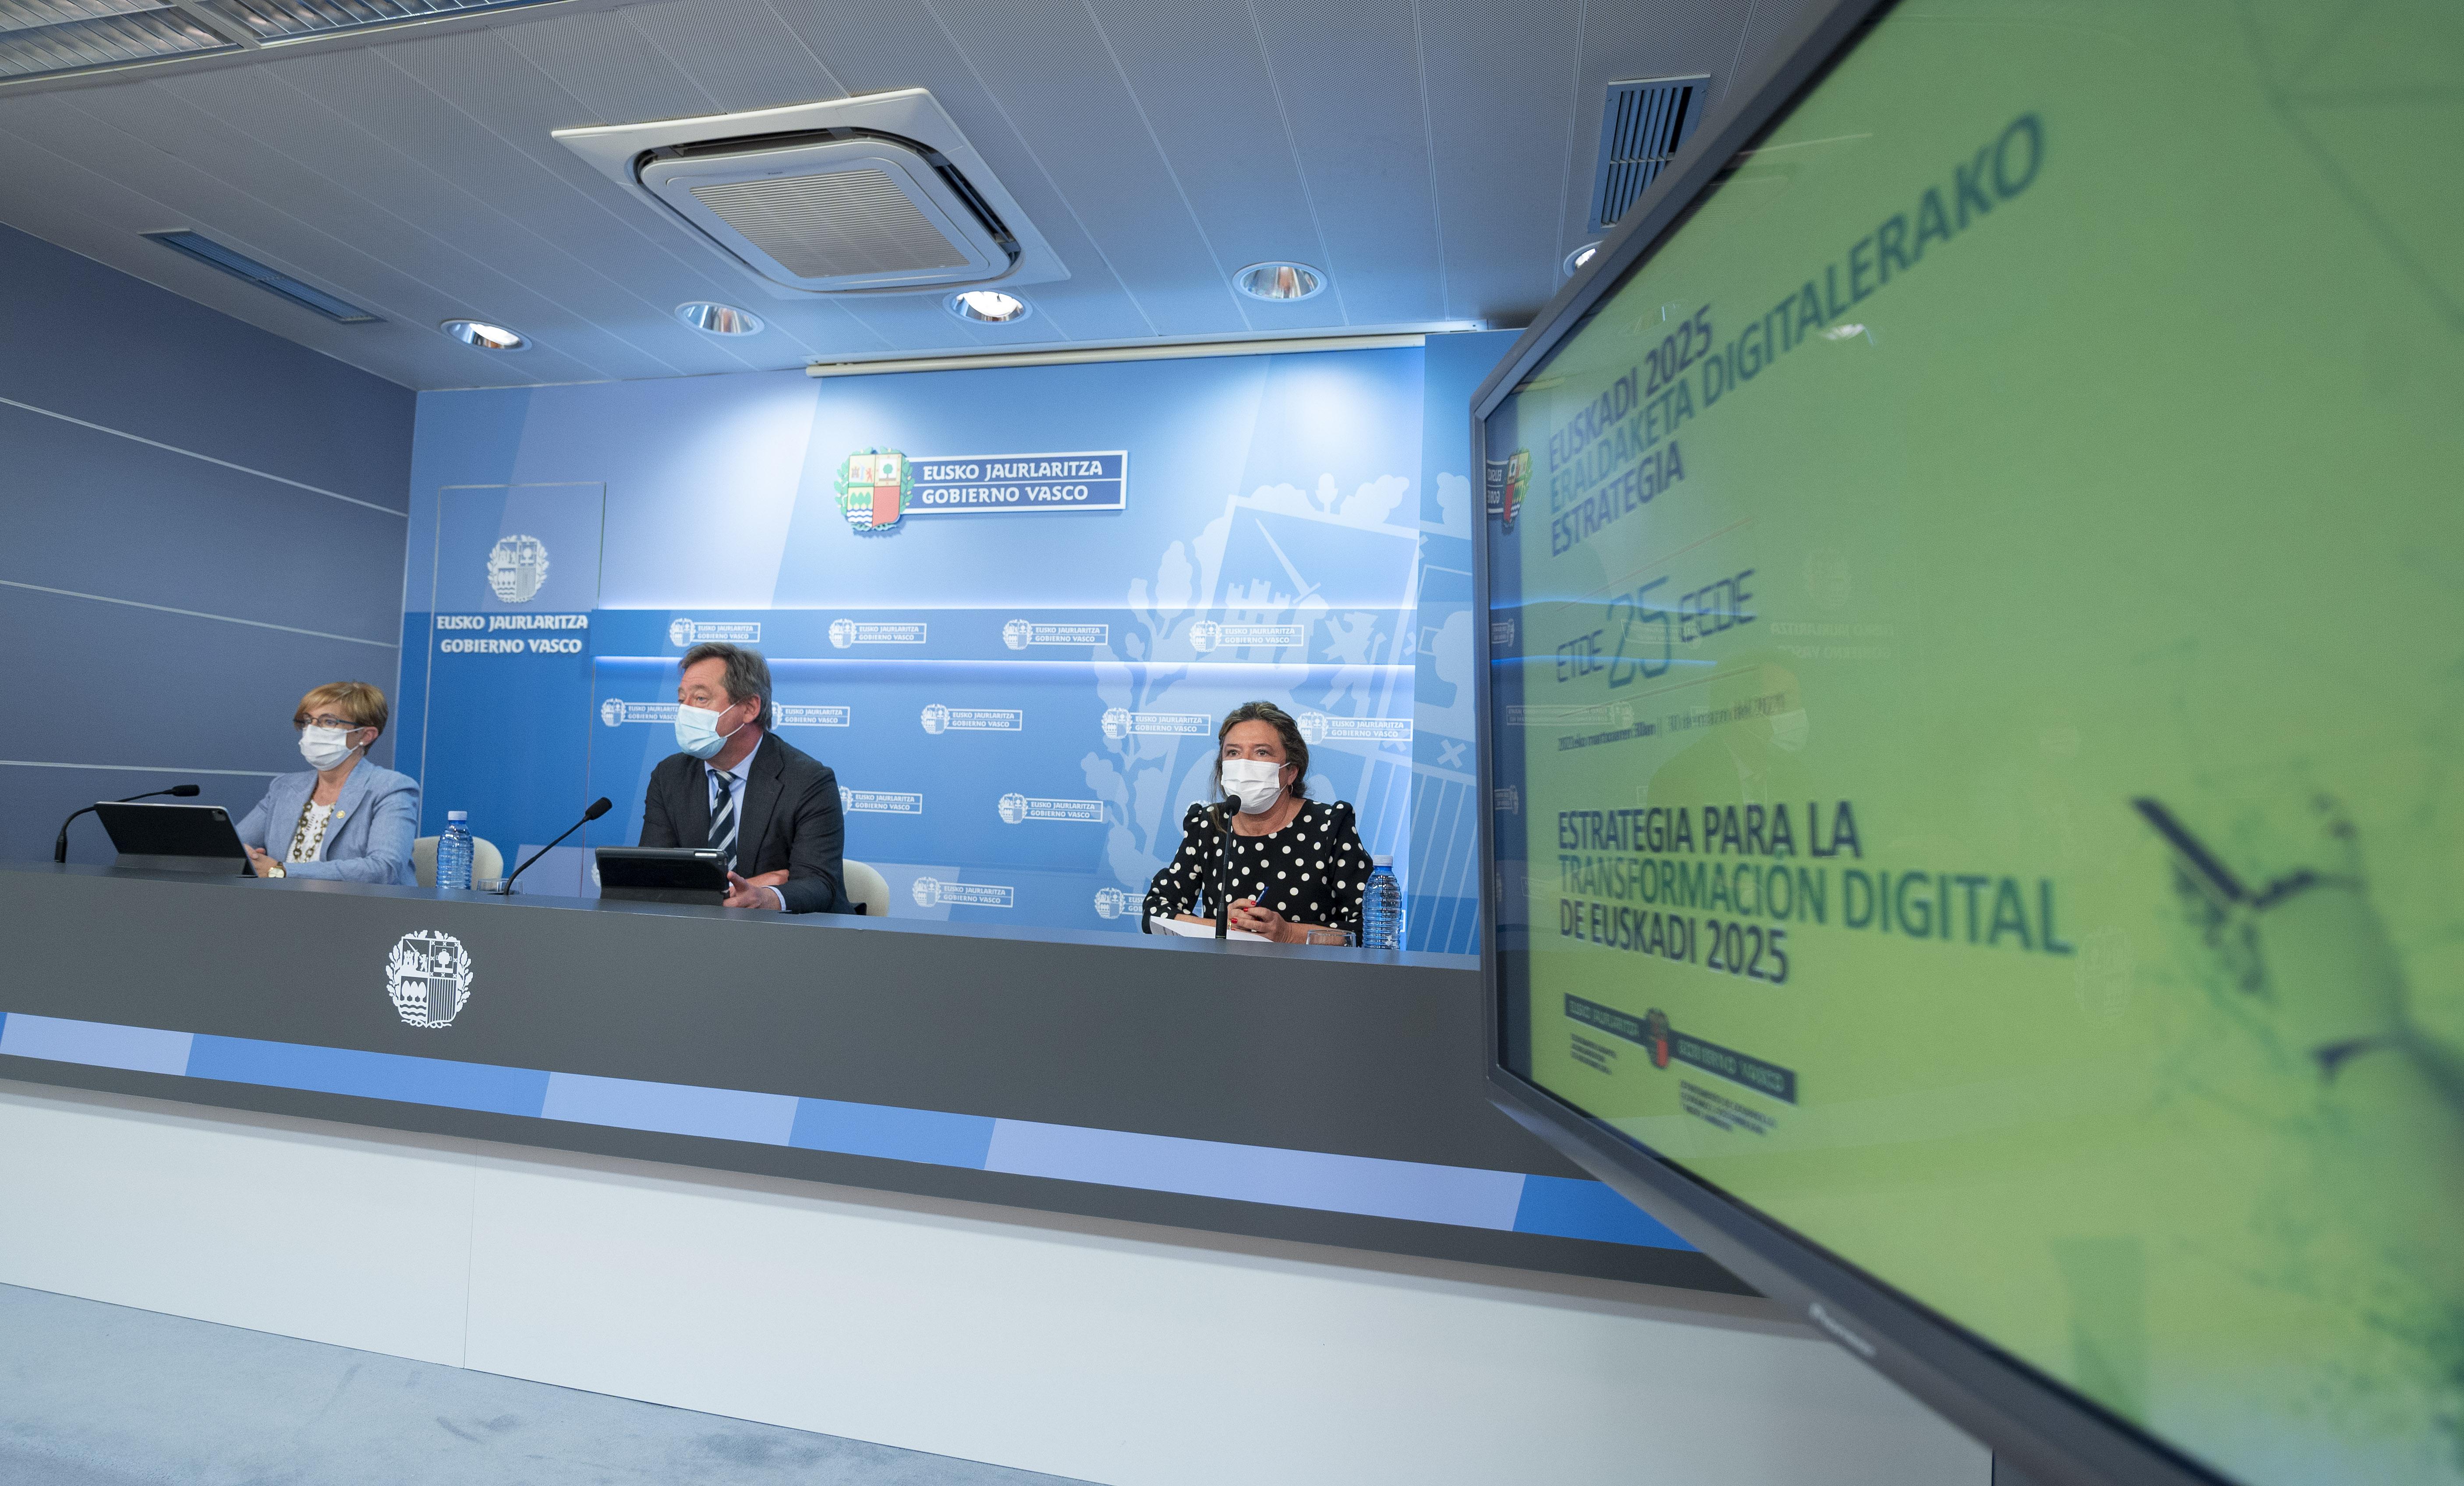 """El Gobierno Vasco aprueba la """"Estrategia para la Transformación Digital de Euskadi 2025"""" dotado con 1.400 millones de euros [64:55]"""